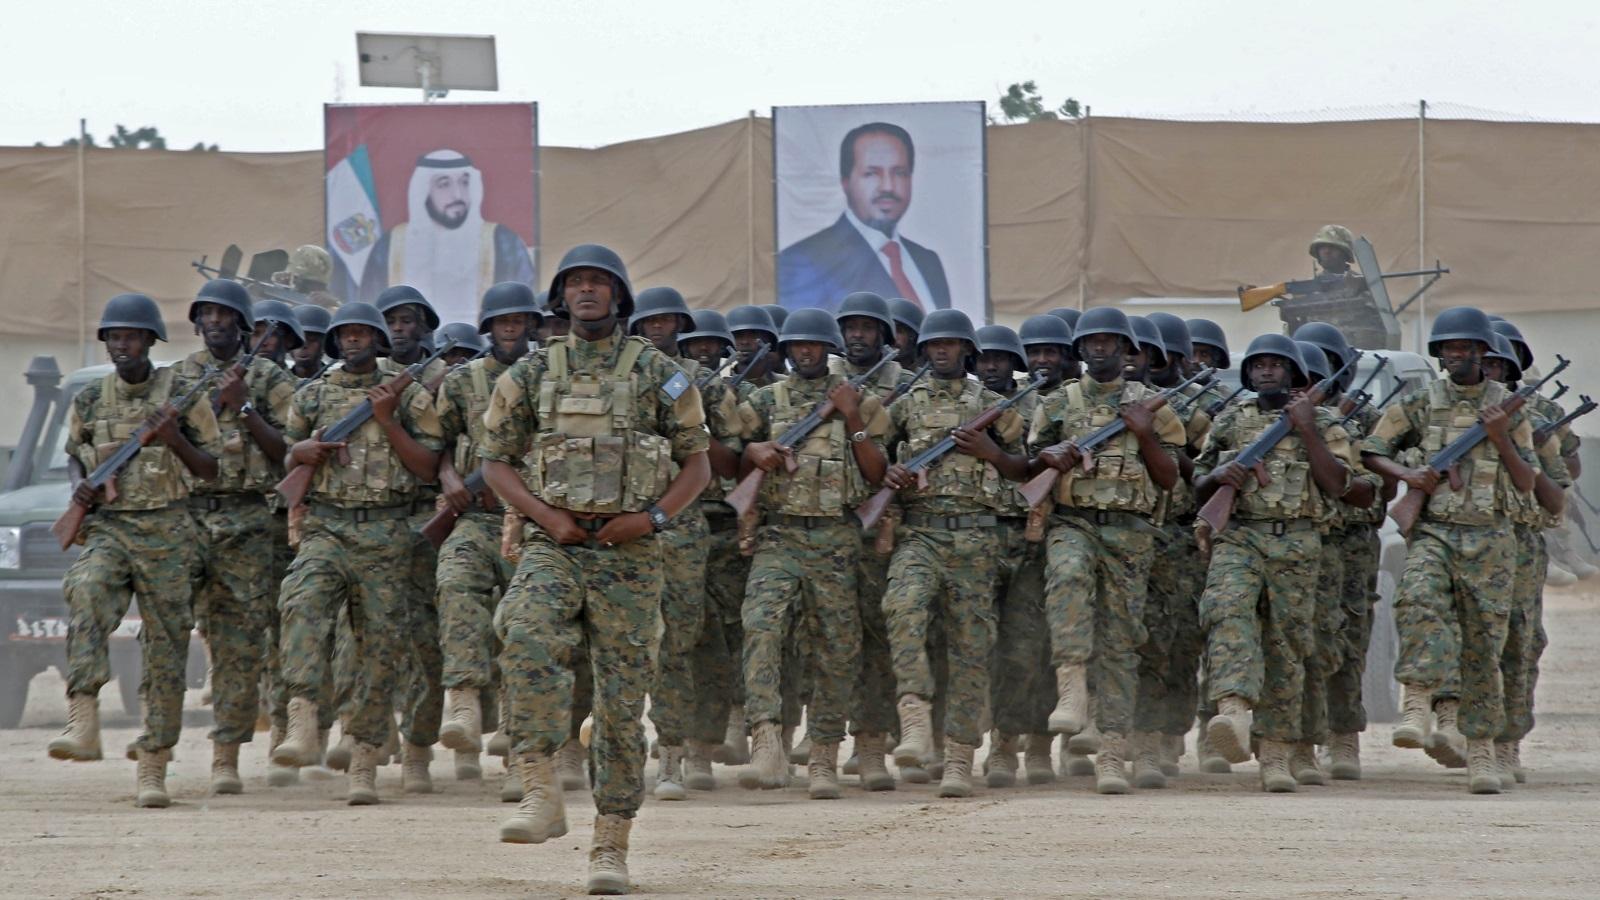 Valigette roventi: gli Emirati Arabi Uniti in Somalia